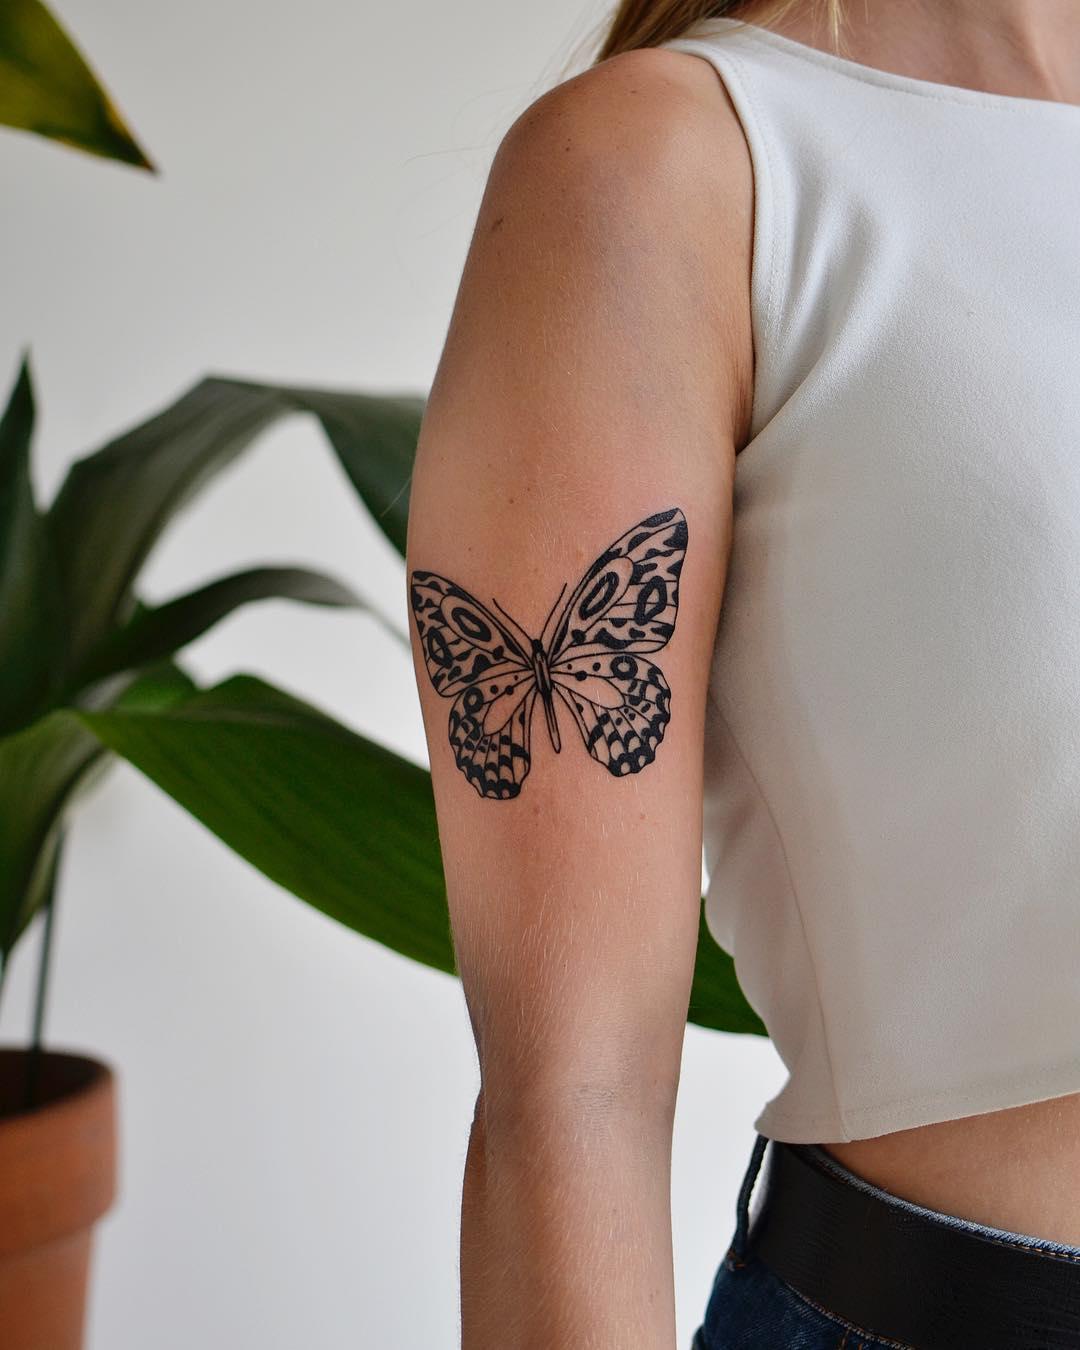 Black butterfly by @tototatuer